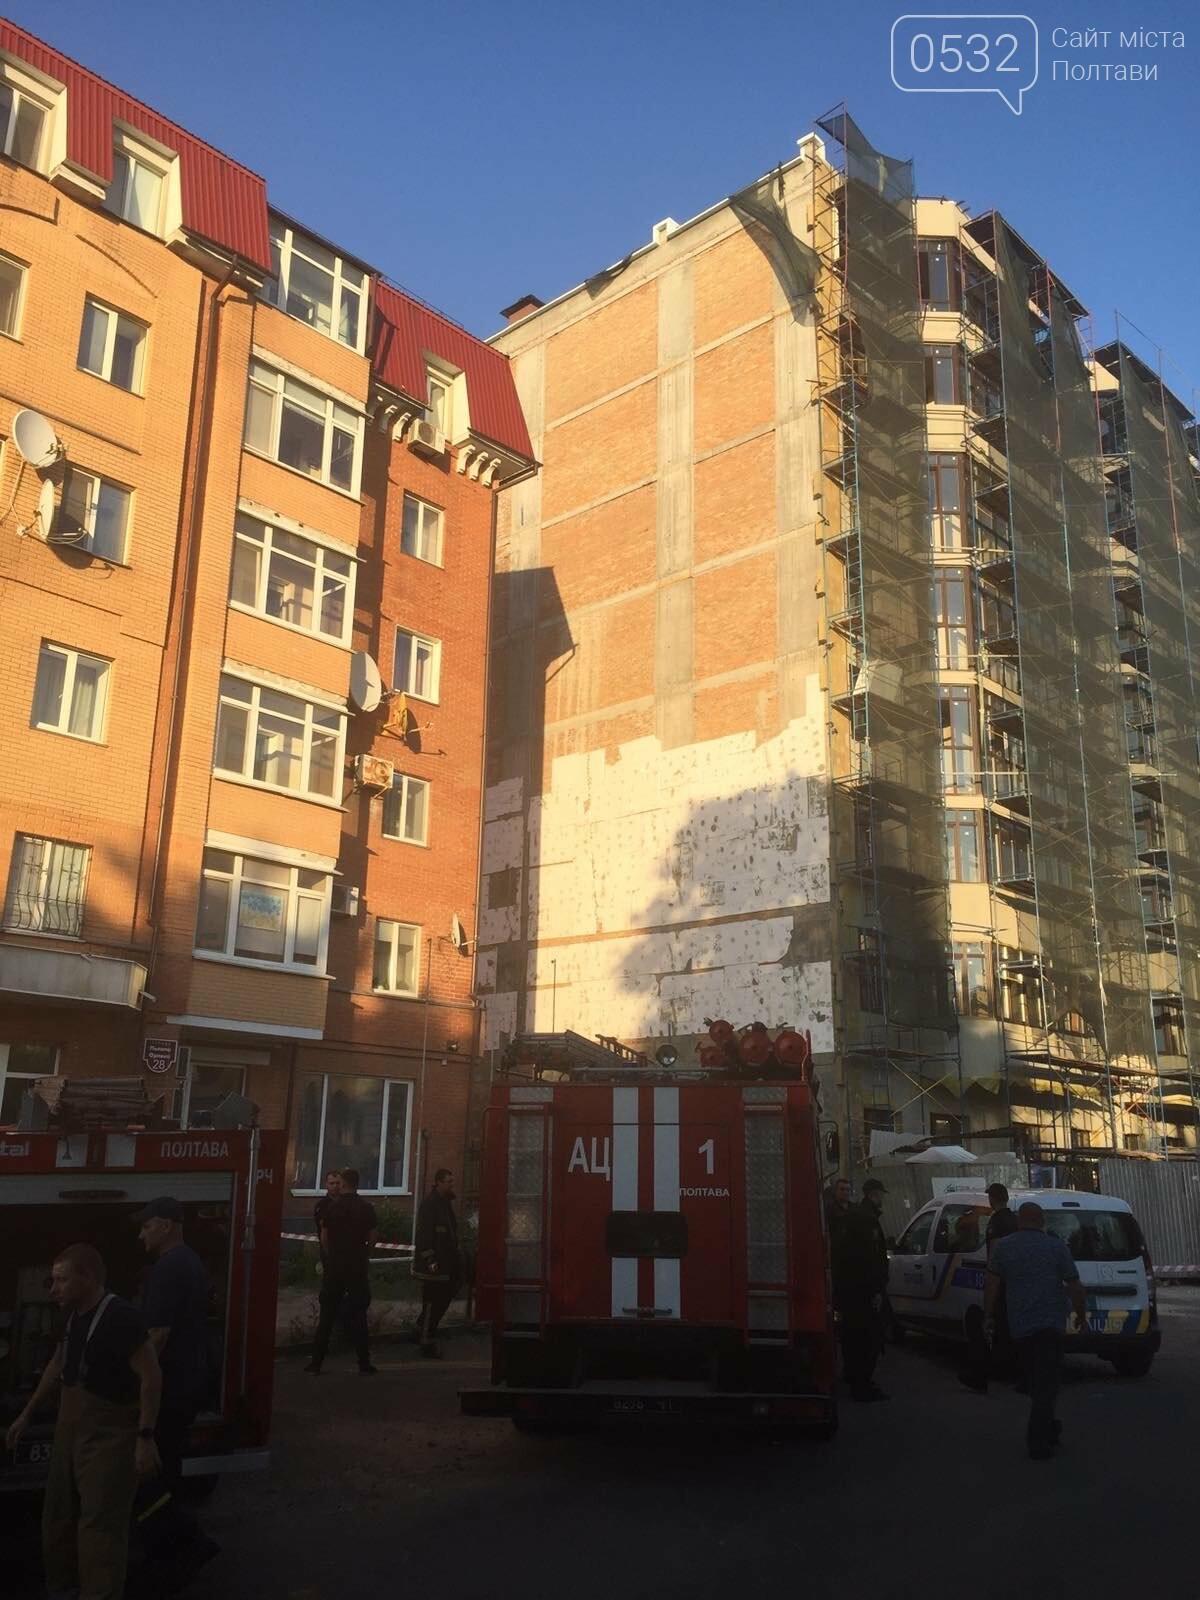 У Полтаві біля будівництва впали риштування із людьми, фото-4